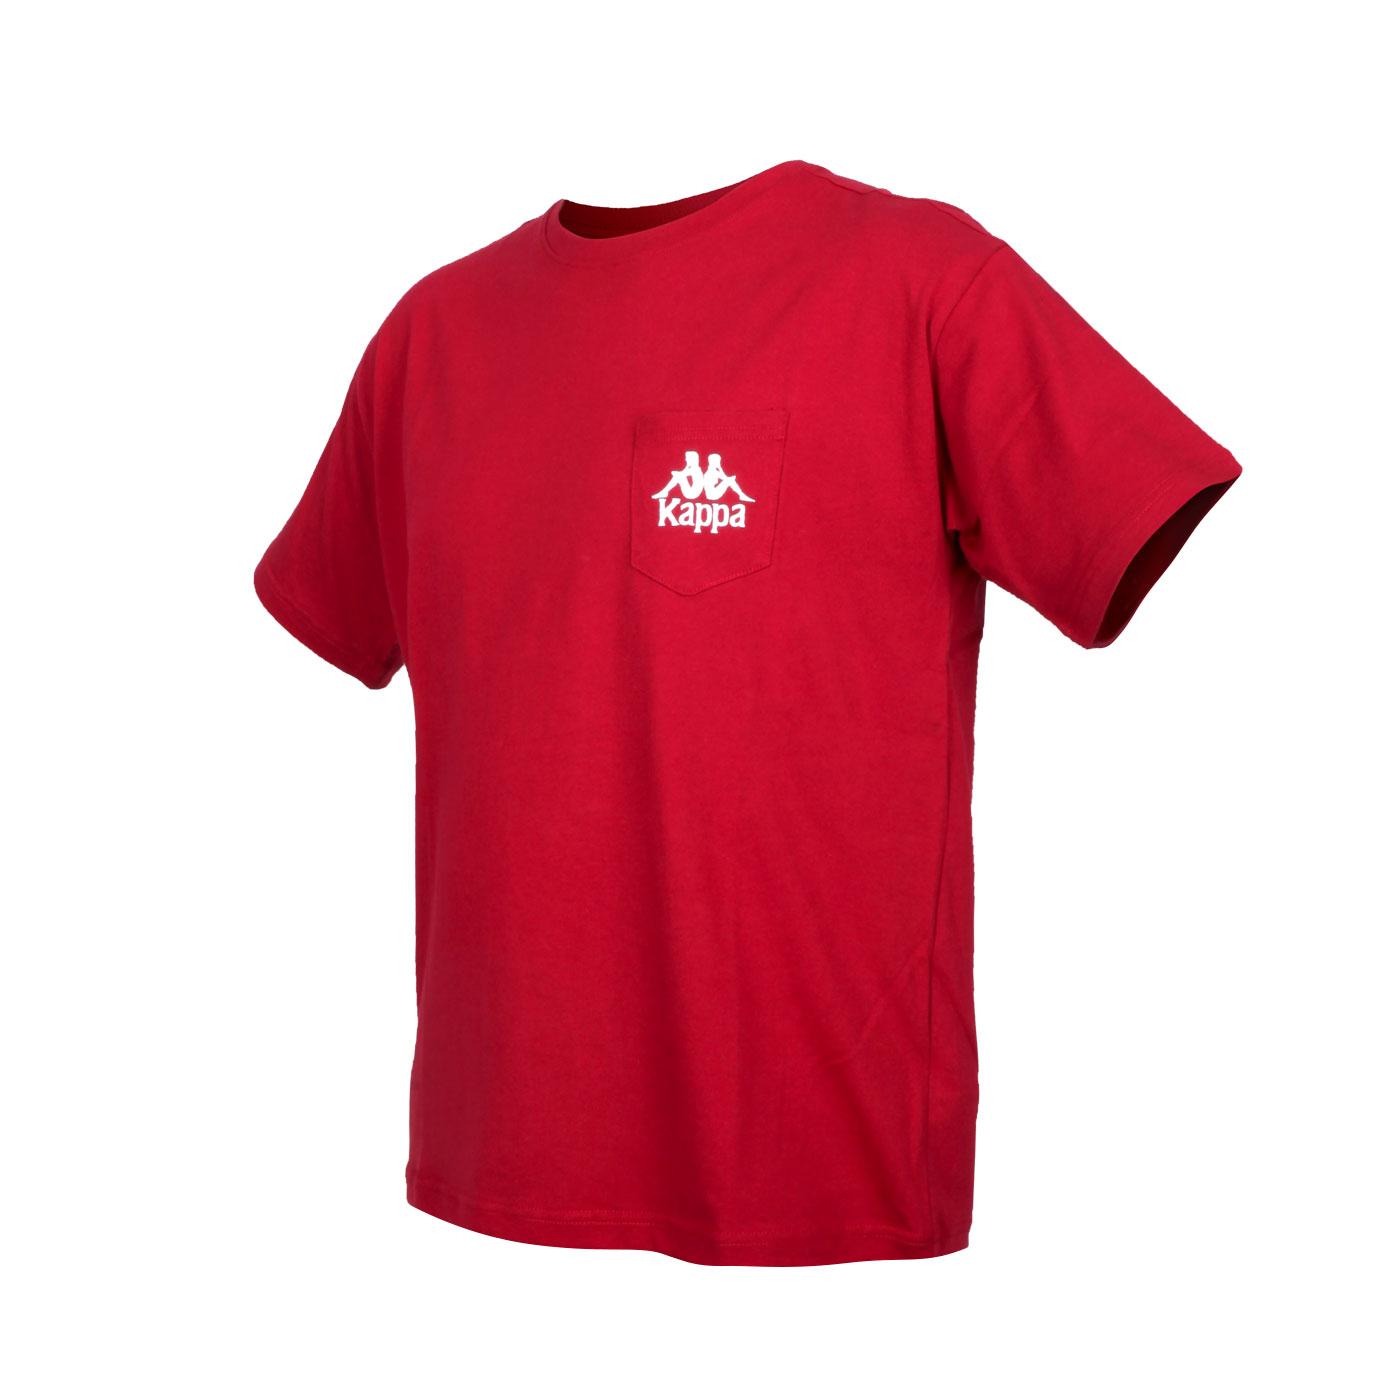 KAPPA 男款短袖T恤 32191TW-700 - 酒紅白